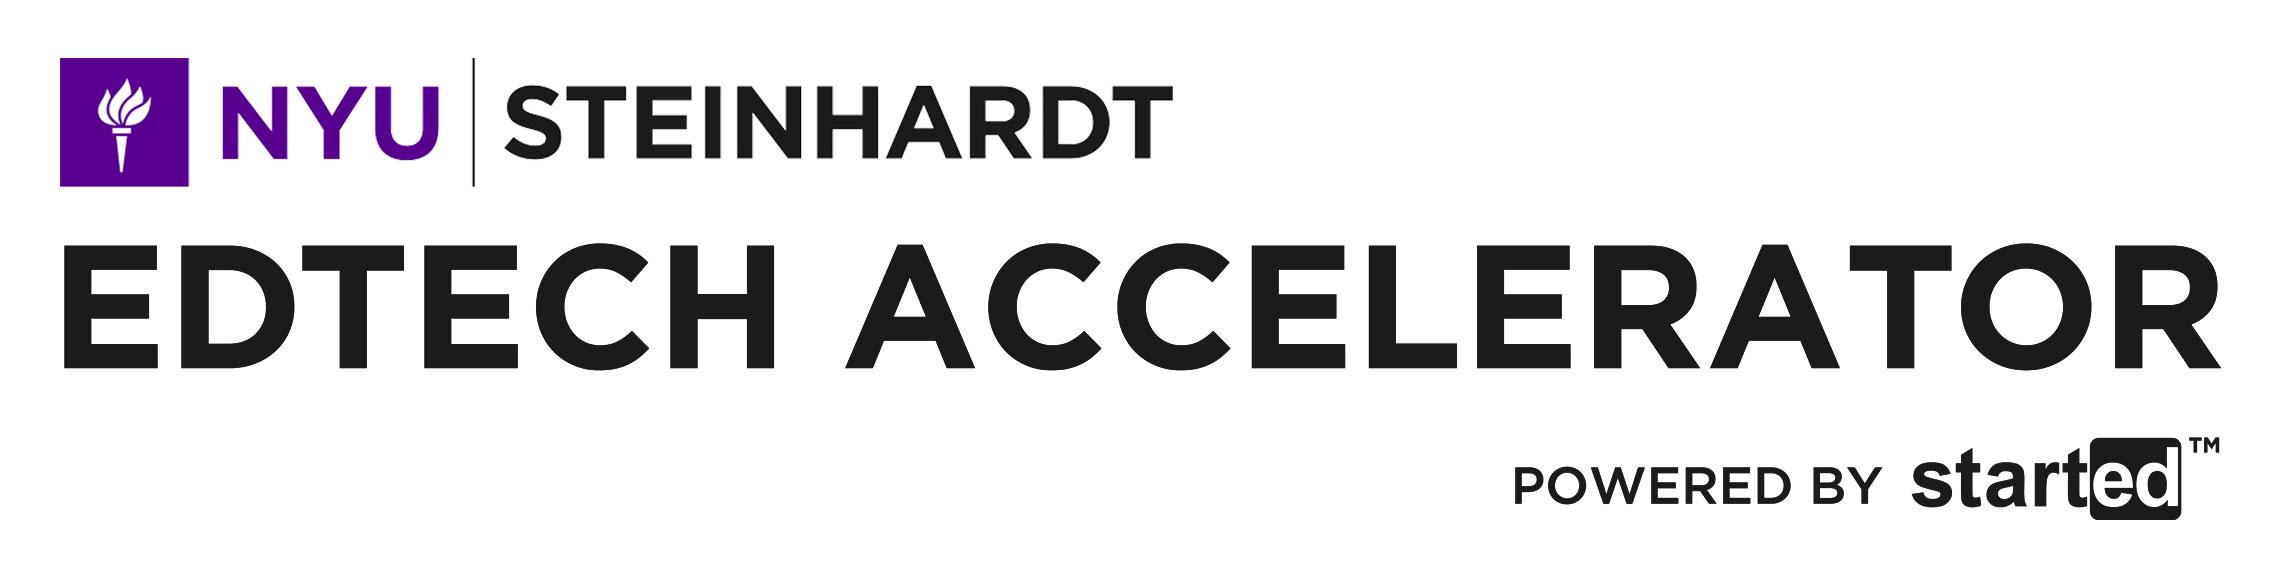 NYU_Edtech_Accelerator_Concise_Logo_Vector_2C copy.jpg